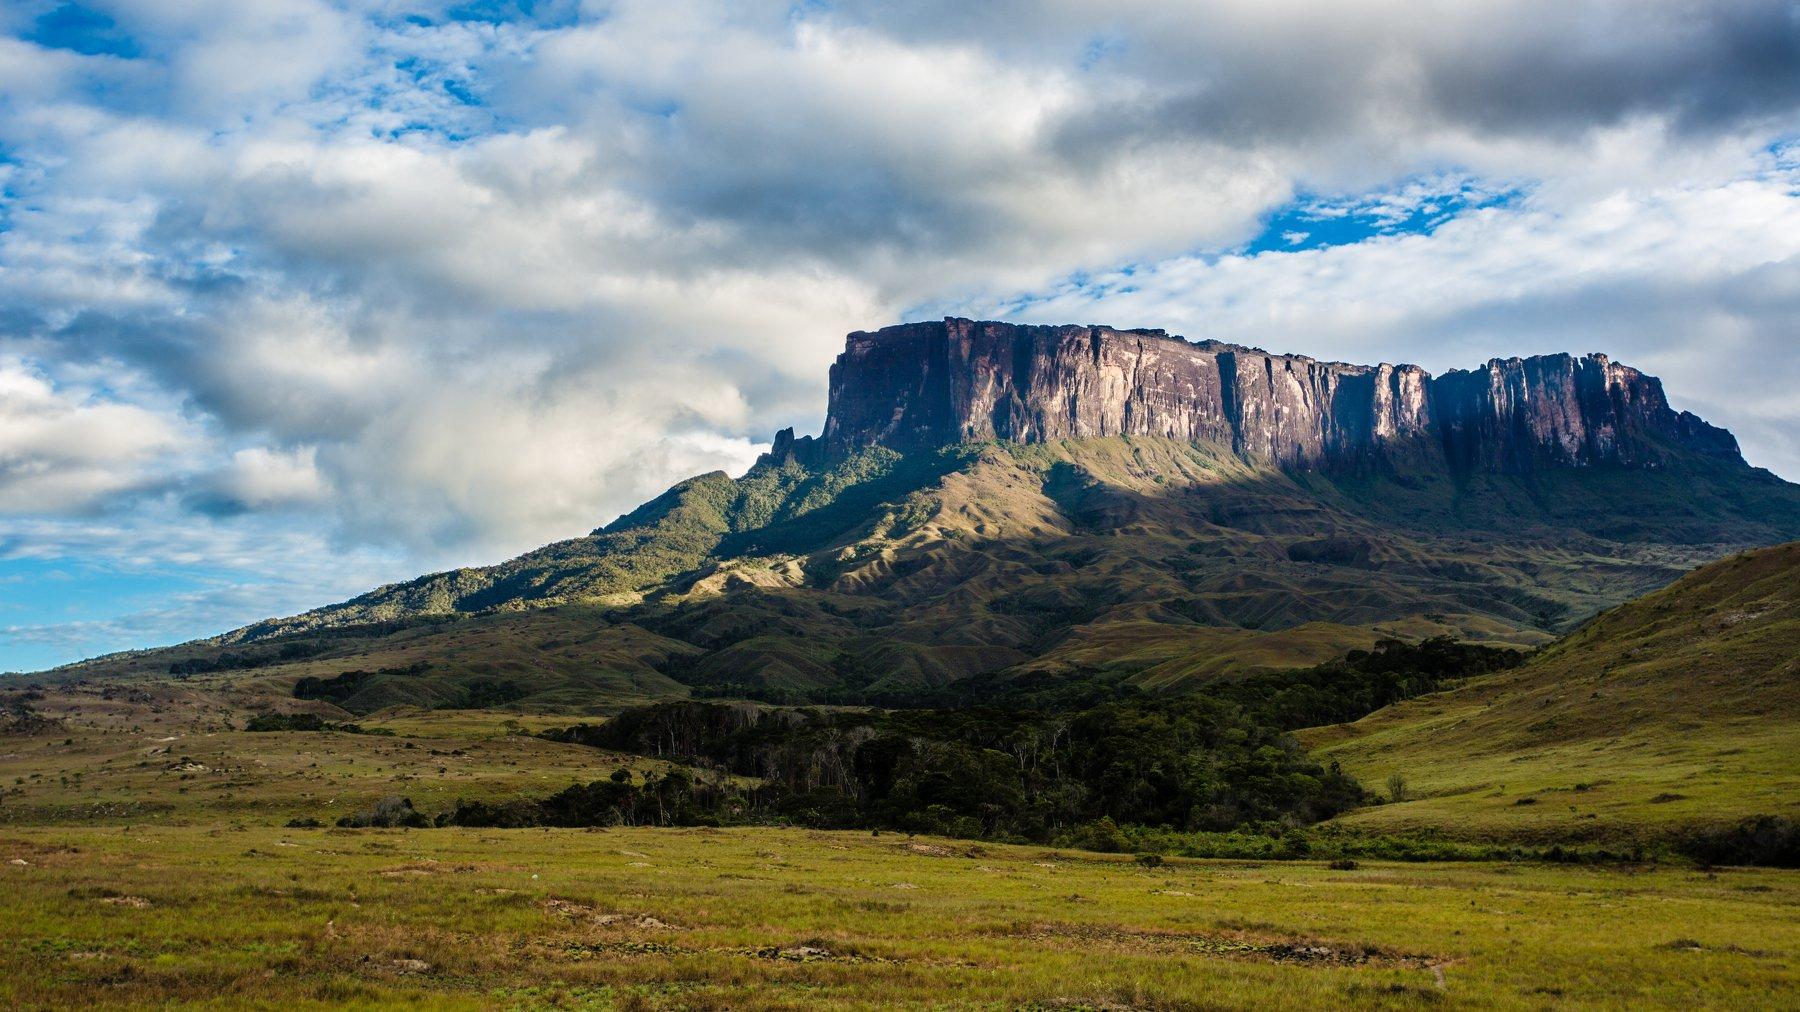 путешествия,природа,венесуэла,горы,тепуи,столовая гора,кукенан,лето, Пётр Перепеченко